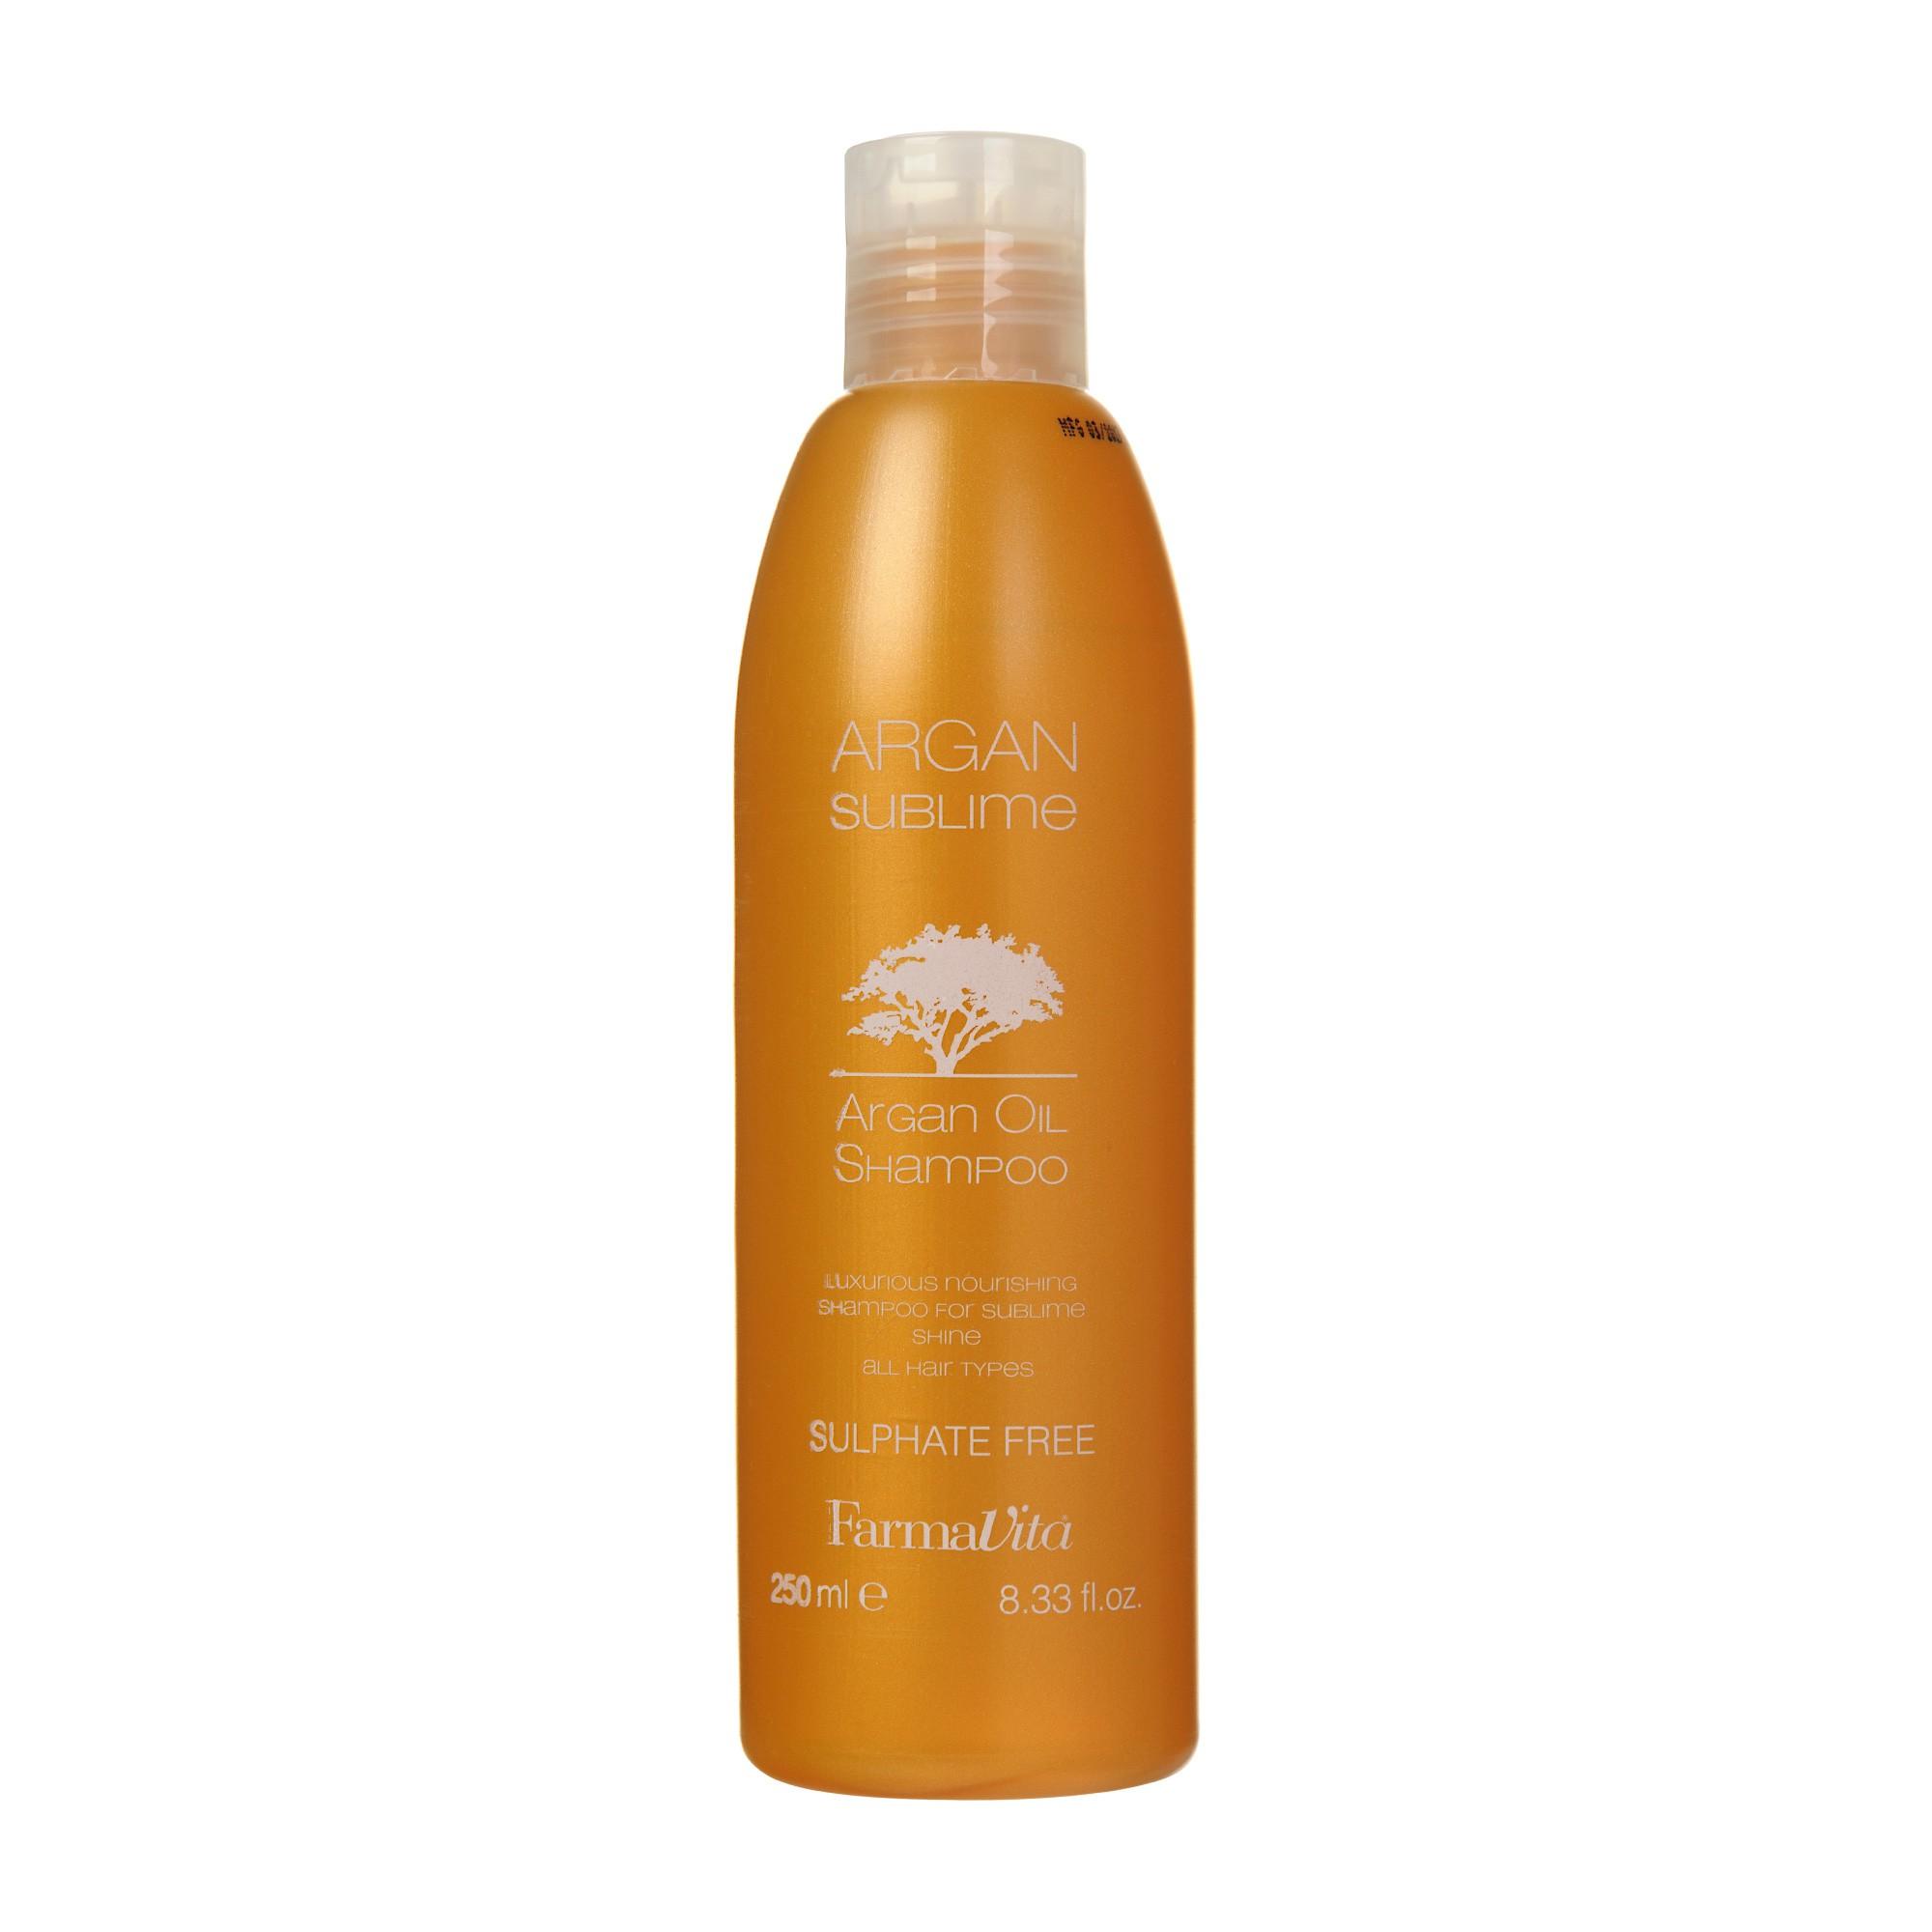 FARMAVITA Шампунь с аргановым маслом / ARGAN Sublime 250 млШампуни<br>Питательный шампунь, содержащий уникальное аргановое масло. Обладает нежным, экзотическим ароматом, делает волосы здоровыми, шелковистыми и придет им соблазнительность. Идеально подходит для всех типов волос. Способ применения: щедро нанести на влажные волосы, сэмульгировать массирующими движениями и тщательно промыть. Чувство восторга и наслаждения вызовет использование шампуня совместно с Argan Sublime Mask и Argan Sublime Elixir Активные ингредиенты:&amp;nbsp;содержит поверхностно-активные вещества, полученные из сырья растительного происхождения. Обогащен Аргановым маслом. Не содержит сульфаты, фосфаты, алкоголь, силиконов, аллергенов.<br><br>Объем: 250 мл<br>Вид средства для волос: Питательный<br>Типы волос: Для всех типов